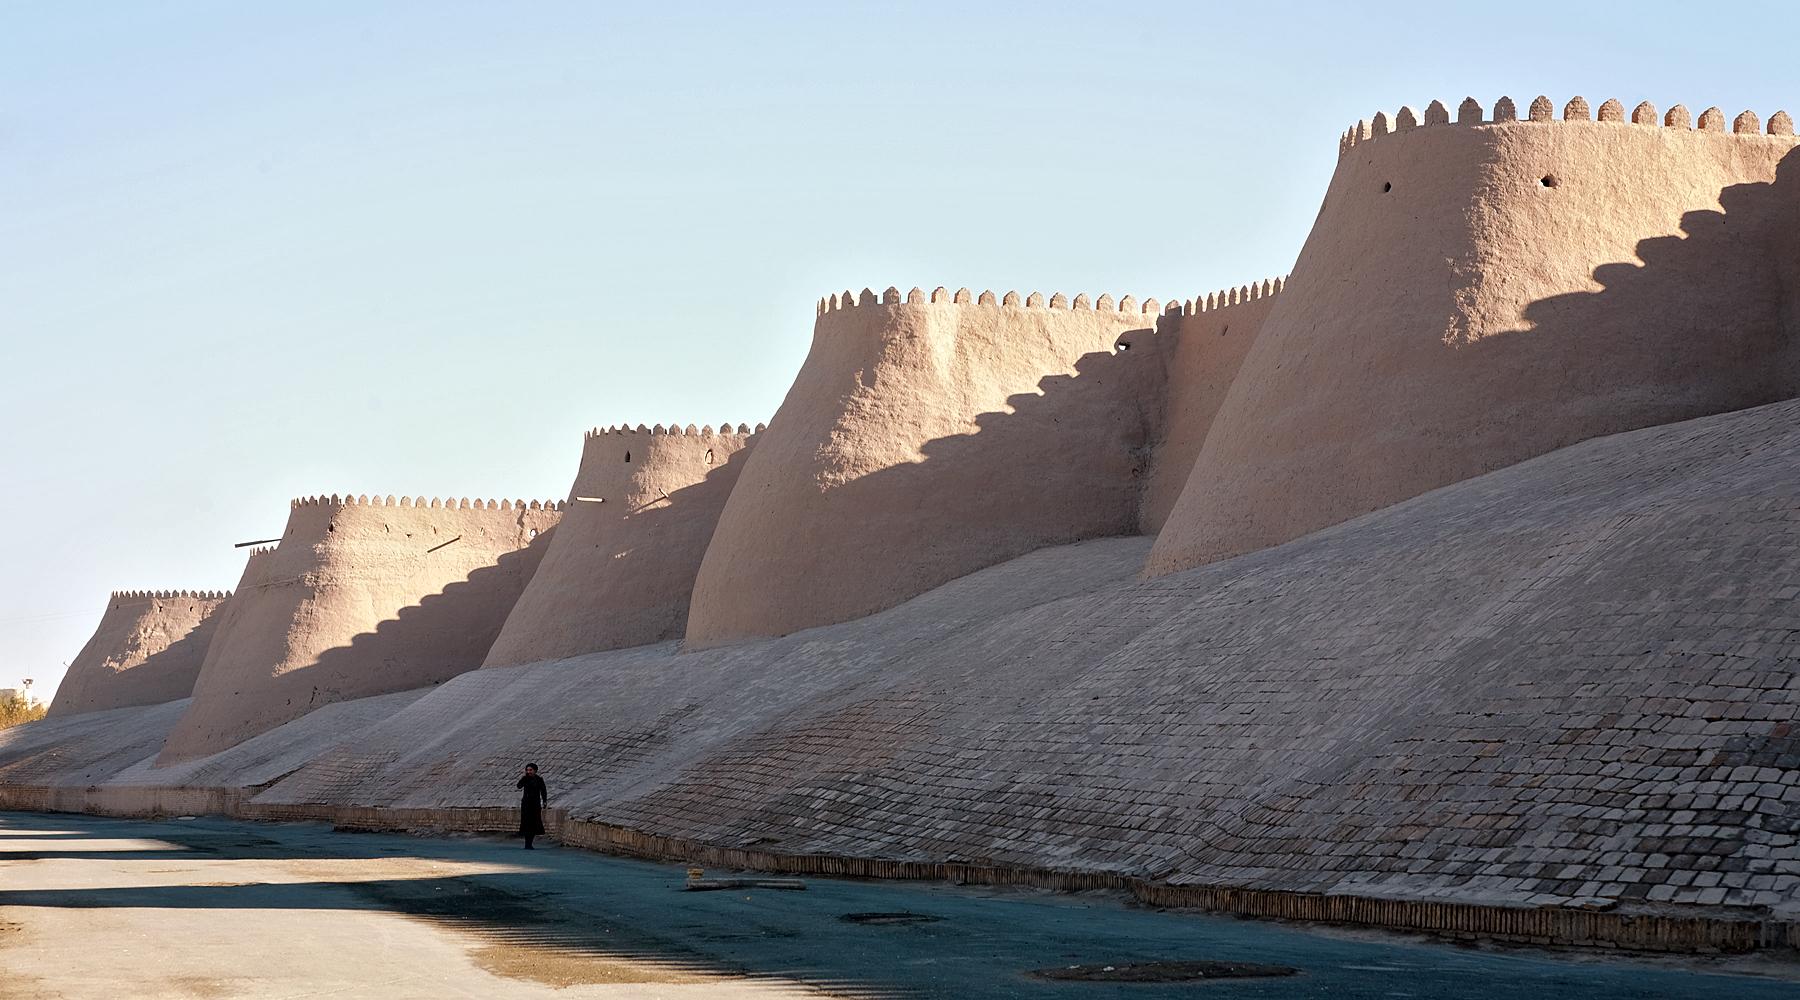 historische Stadtmauer in Xiva